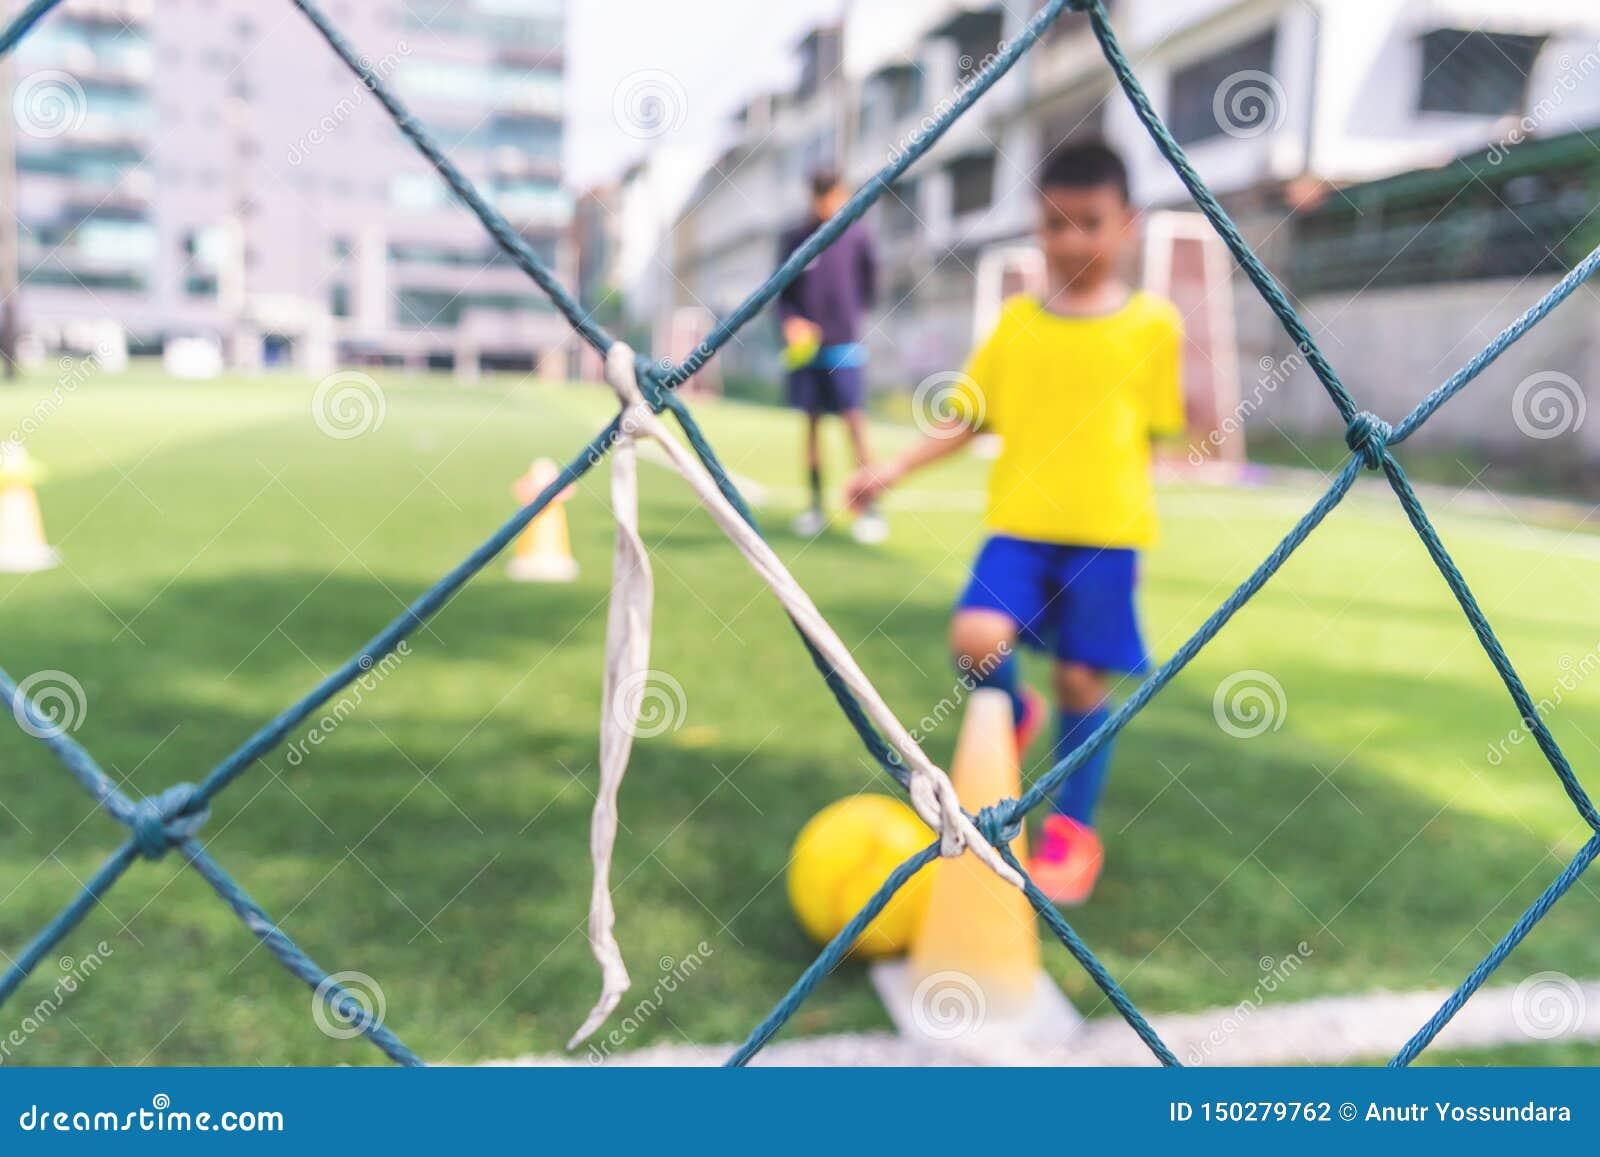 Acad?mie du football pour la formation d enfants brouill?e pour le fond